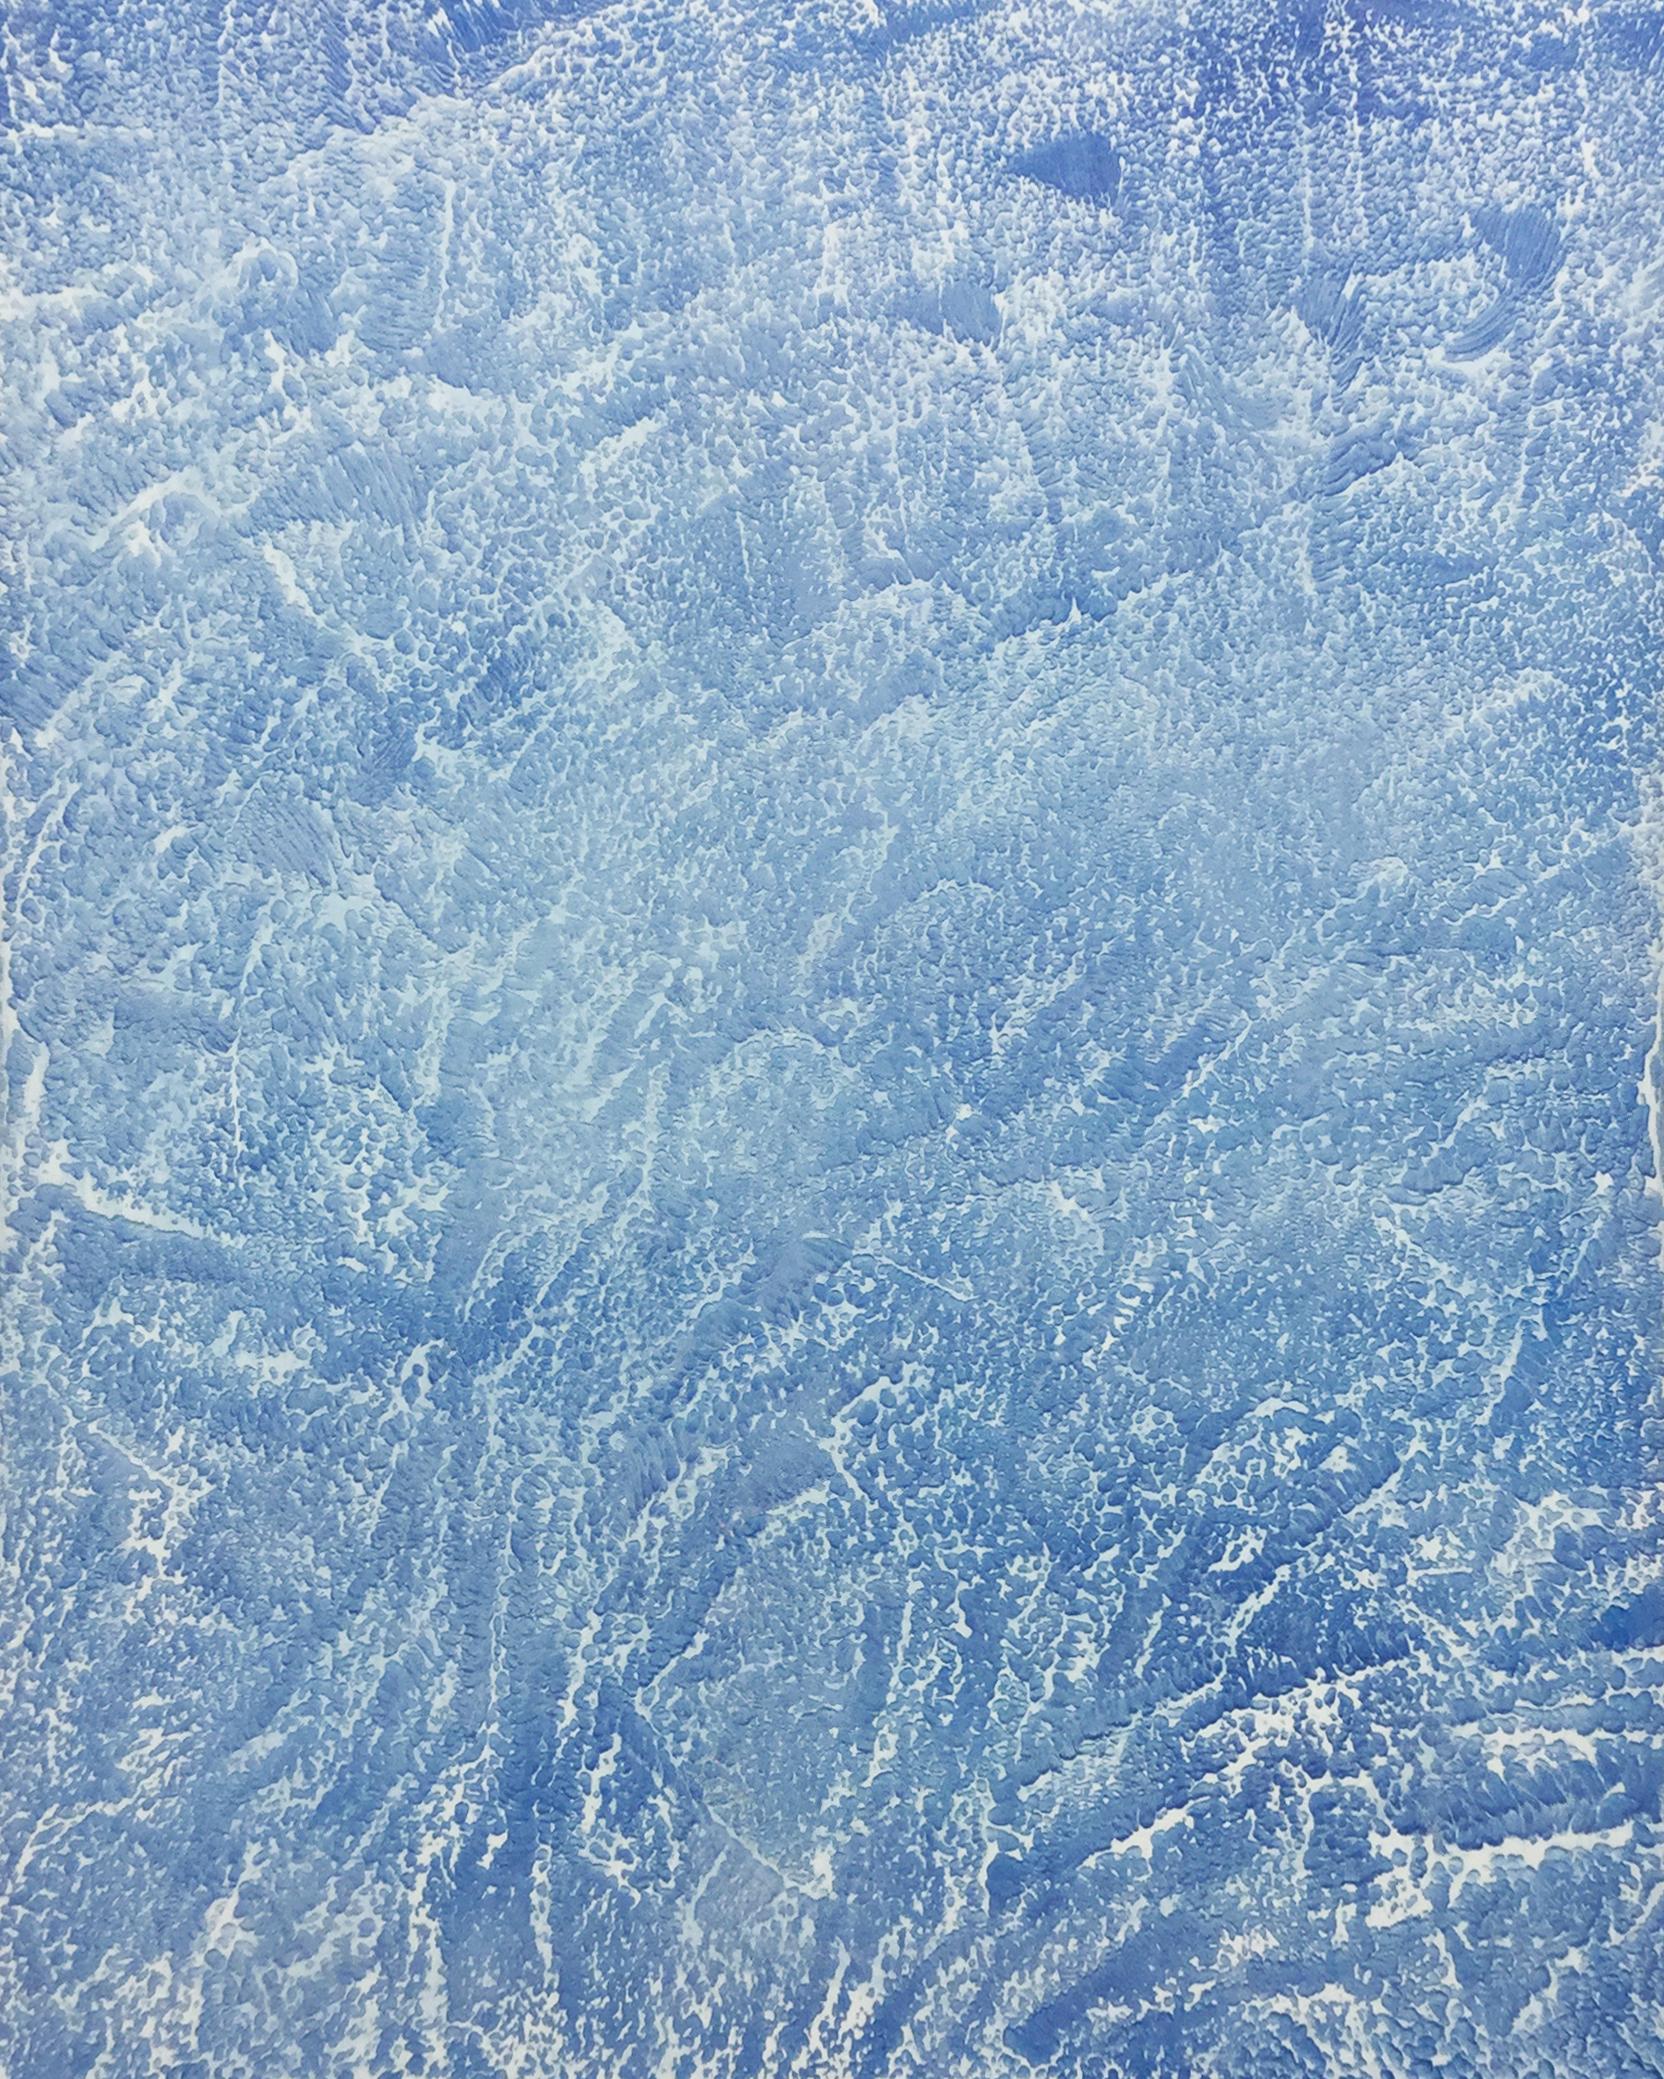 Ronchamp 02  2017  Plâtre, acrylique et peinture aérosol sur gypse  76 X 61 cm